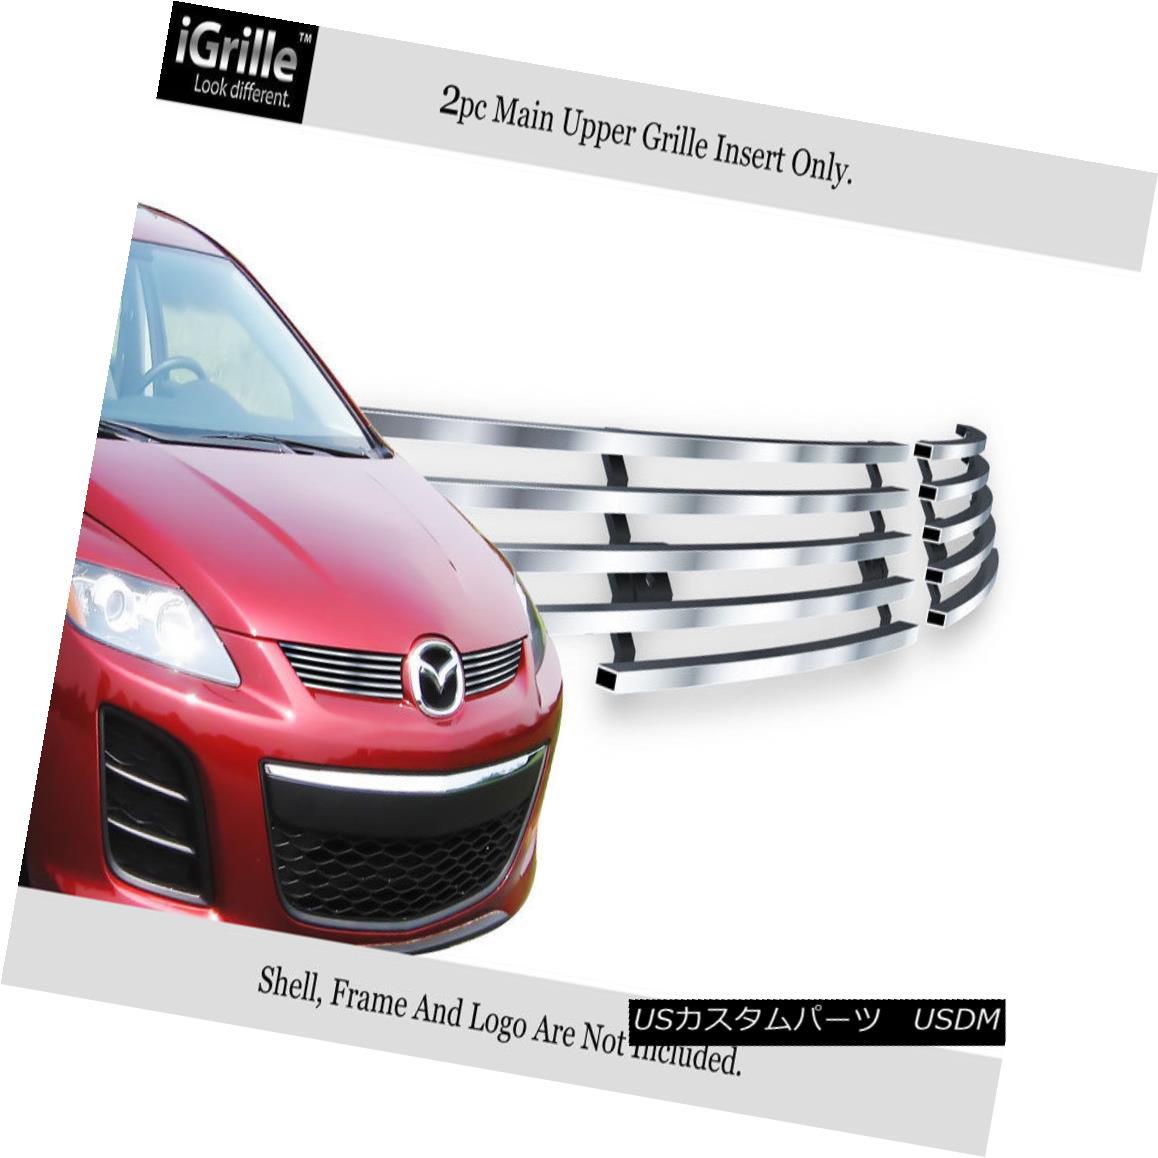 グリル For 2010-2012 Mazda CX-7 CX7 Stainless Steel Billet Grille Grill Insert 2010-2012マツダCX-7 CX7ステンレス鋼ビレットグリルグリルインサート用